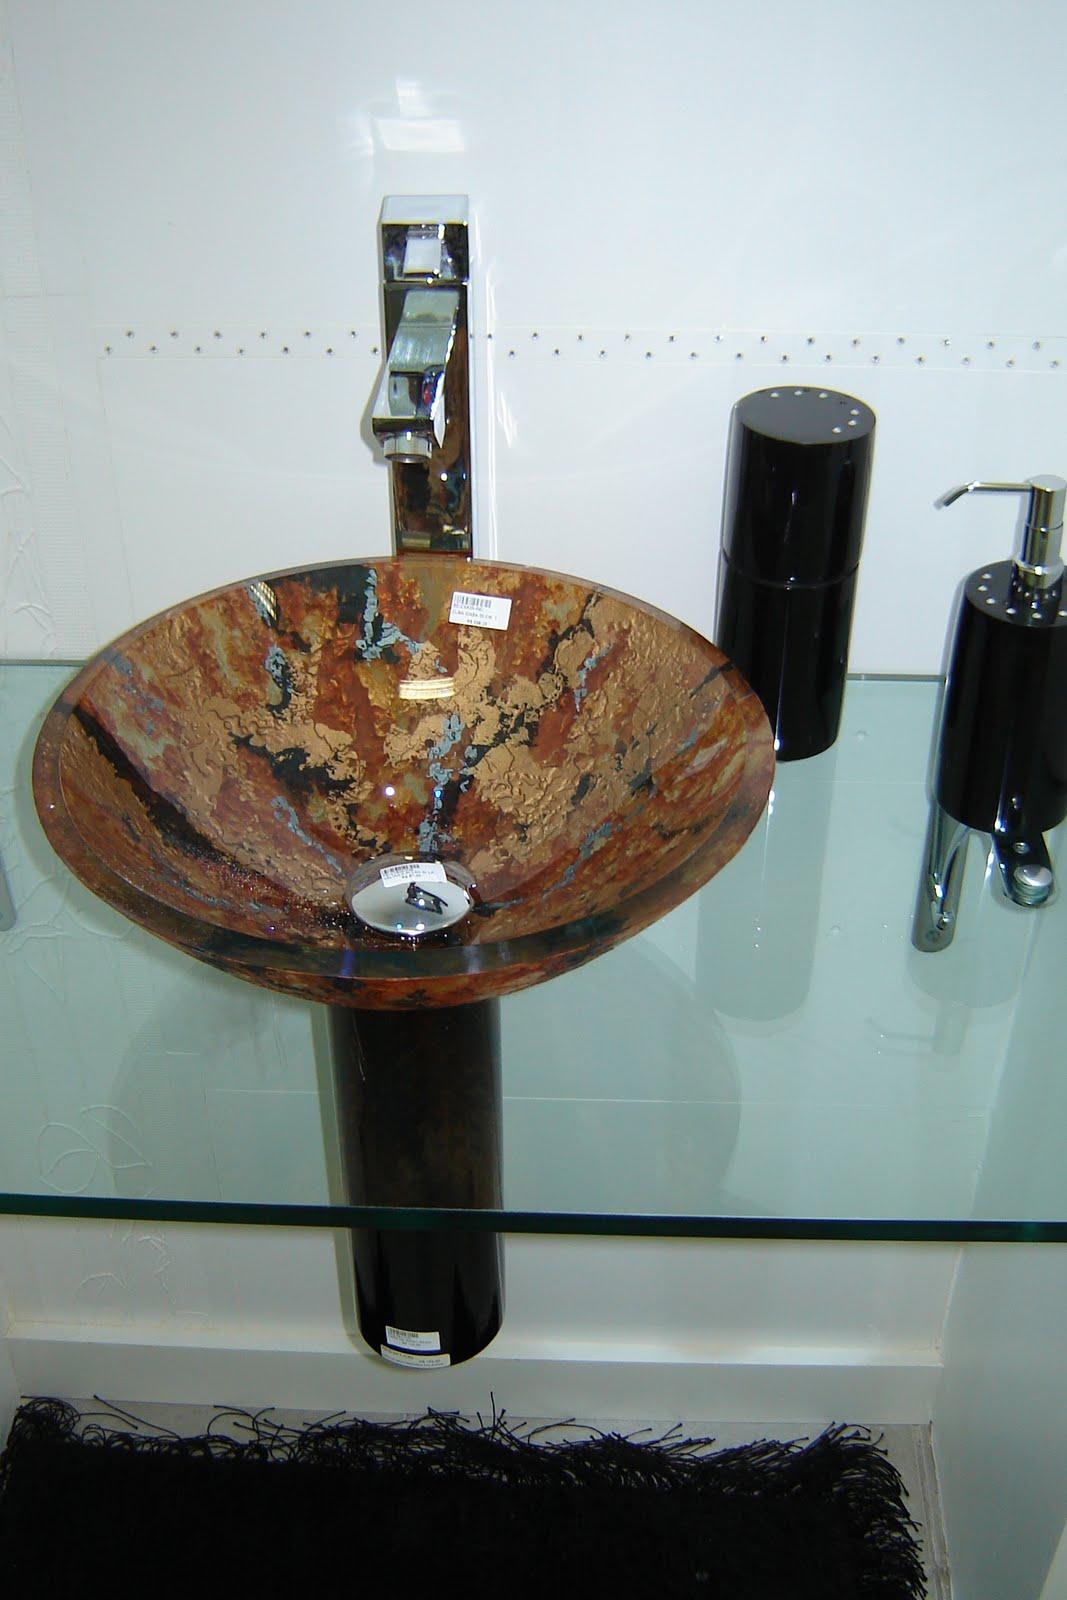 Cuba de vidro givrê relevo em tons bronze ouro medieval marrom e  #69422C 1067x1600 Acessorios Banheiro Vermelho